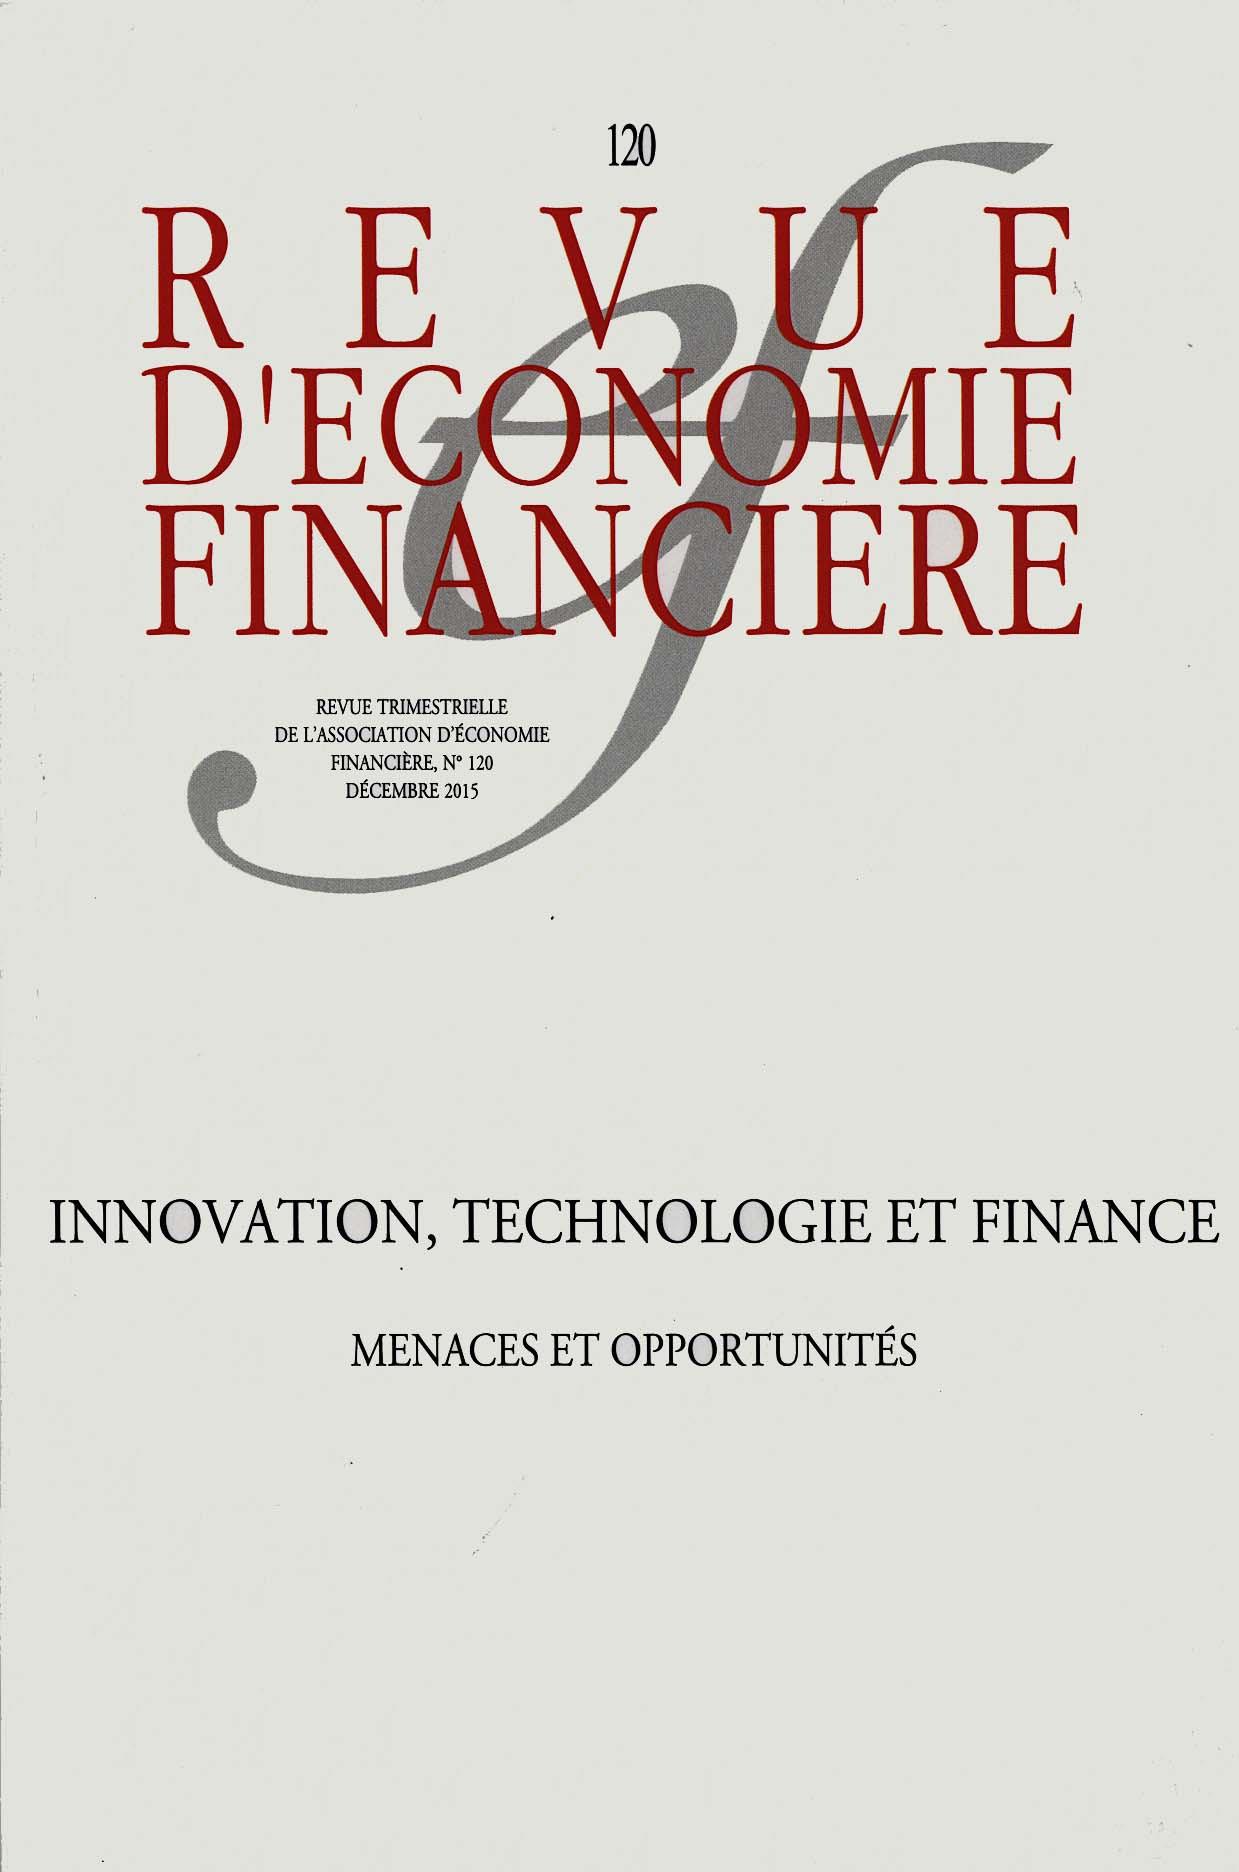 Revue d'économie financière, décembre 2015 N°120